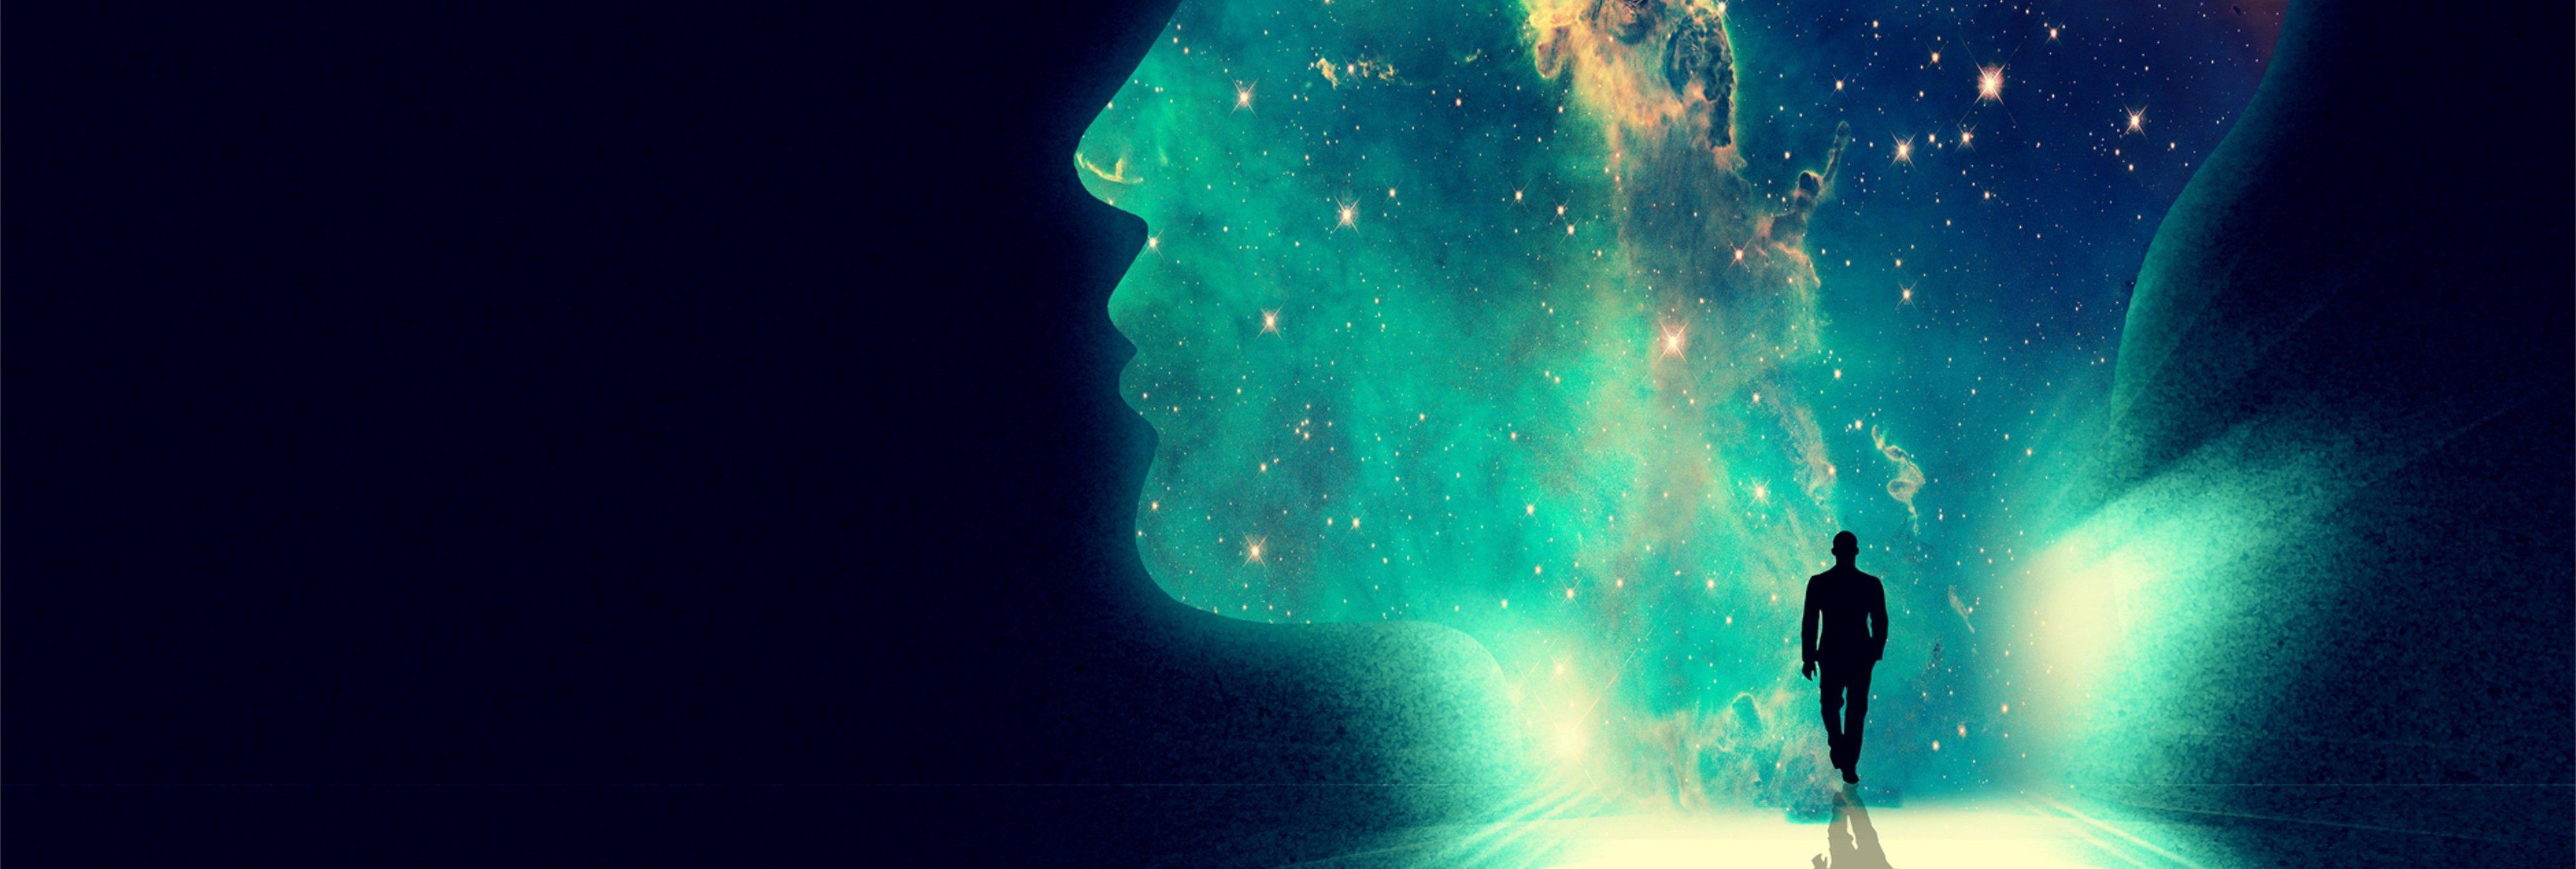 La sensación de haber vivido algo antes: ¿Qué son los déjà vu?